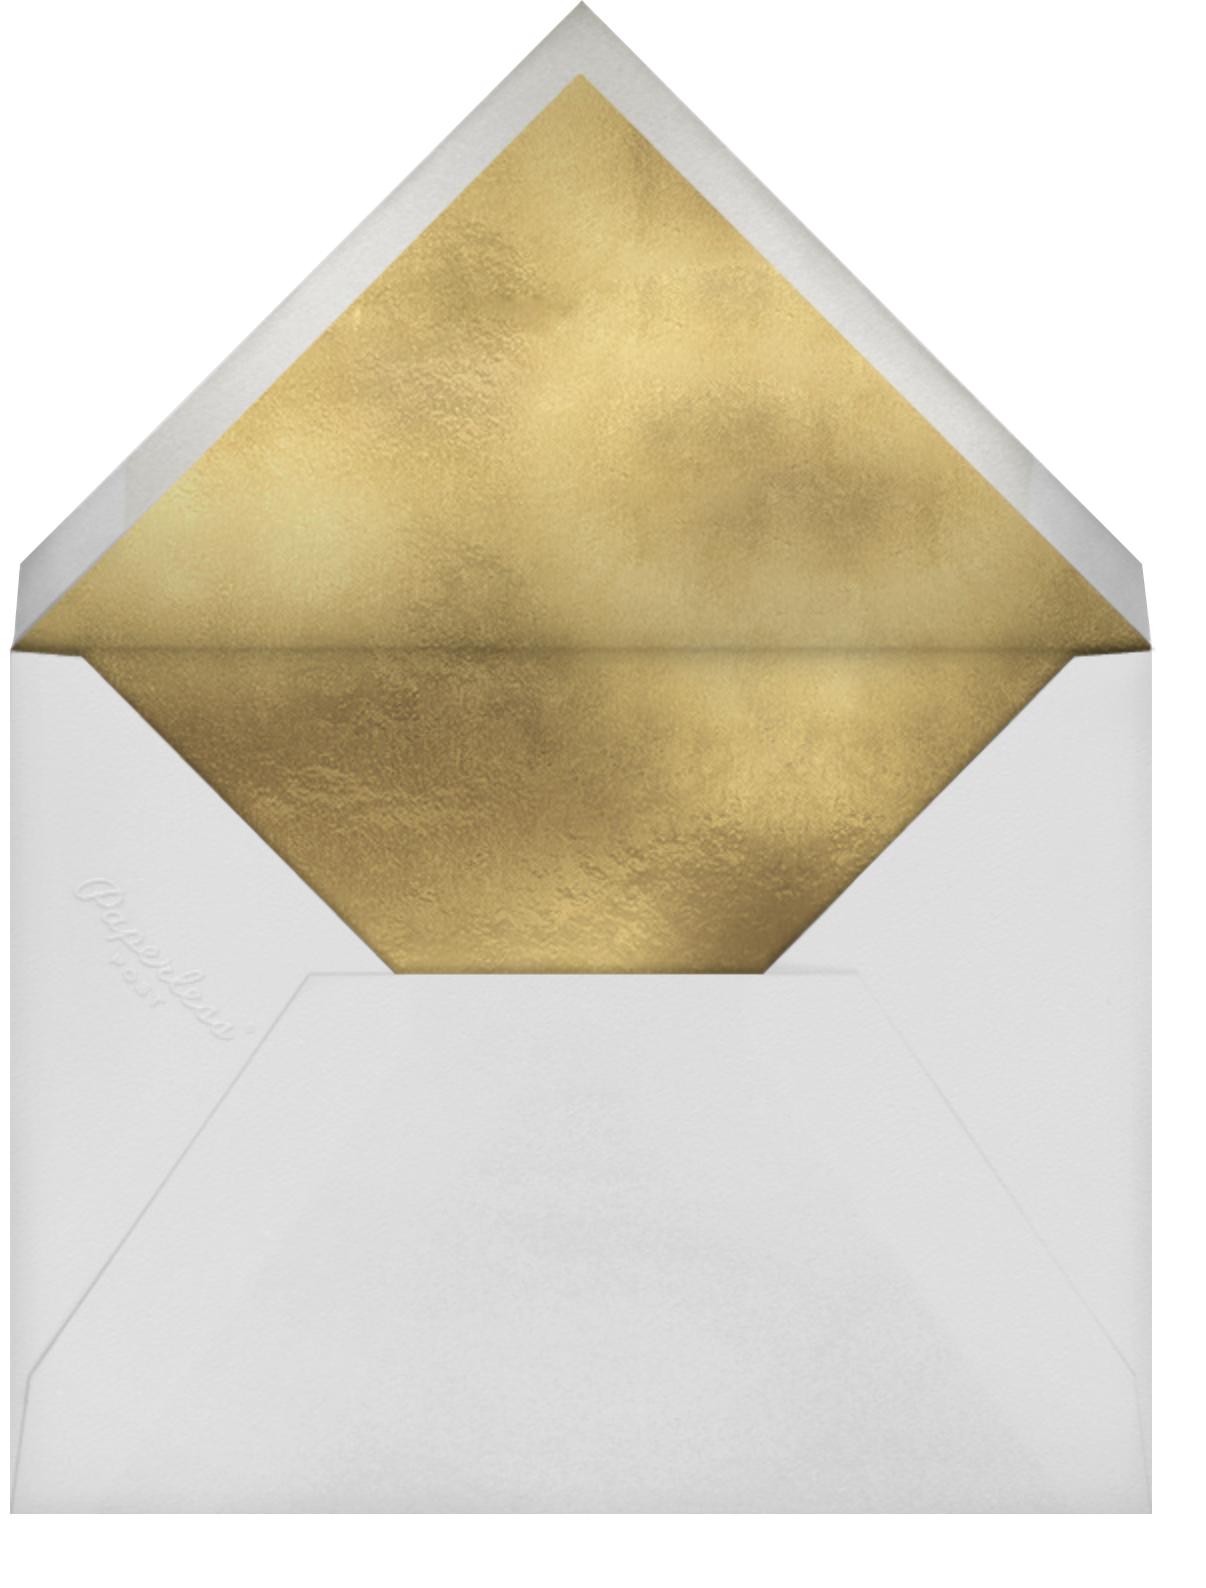 Prim Peony - Oscar de la Renta - Holiday party - envelope back